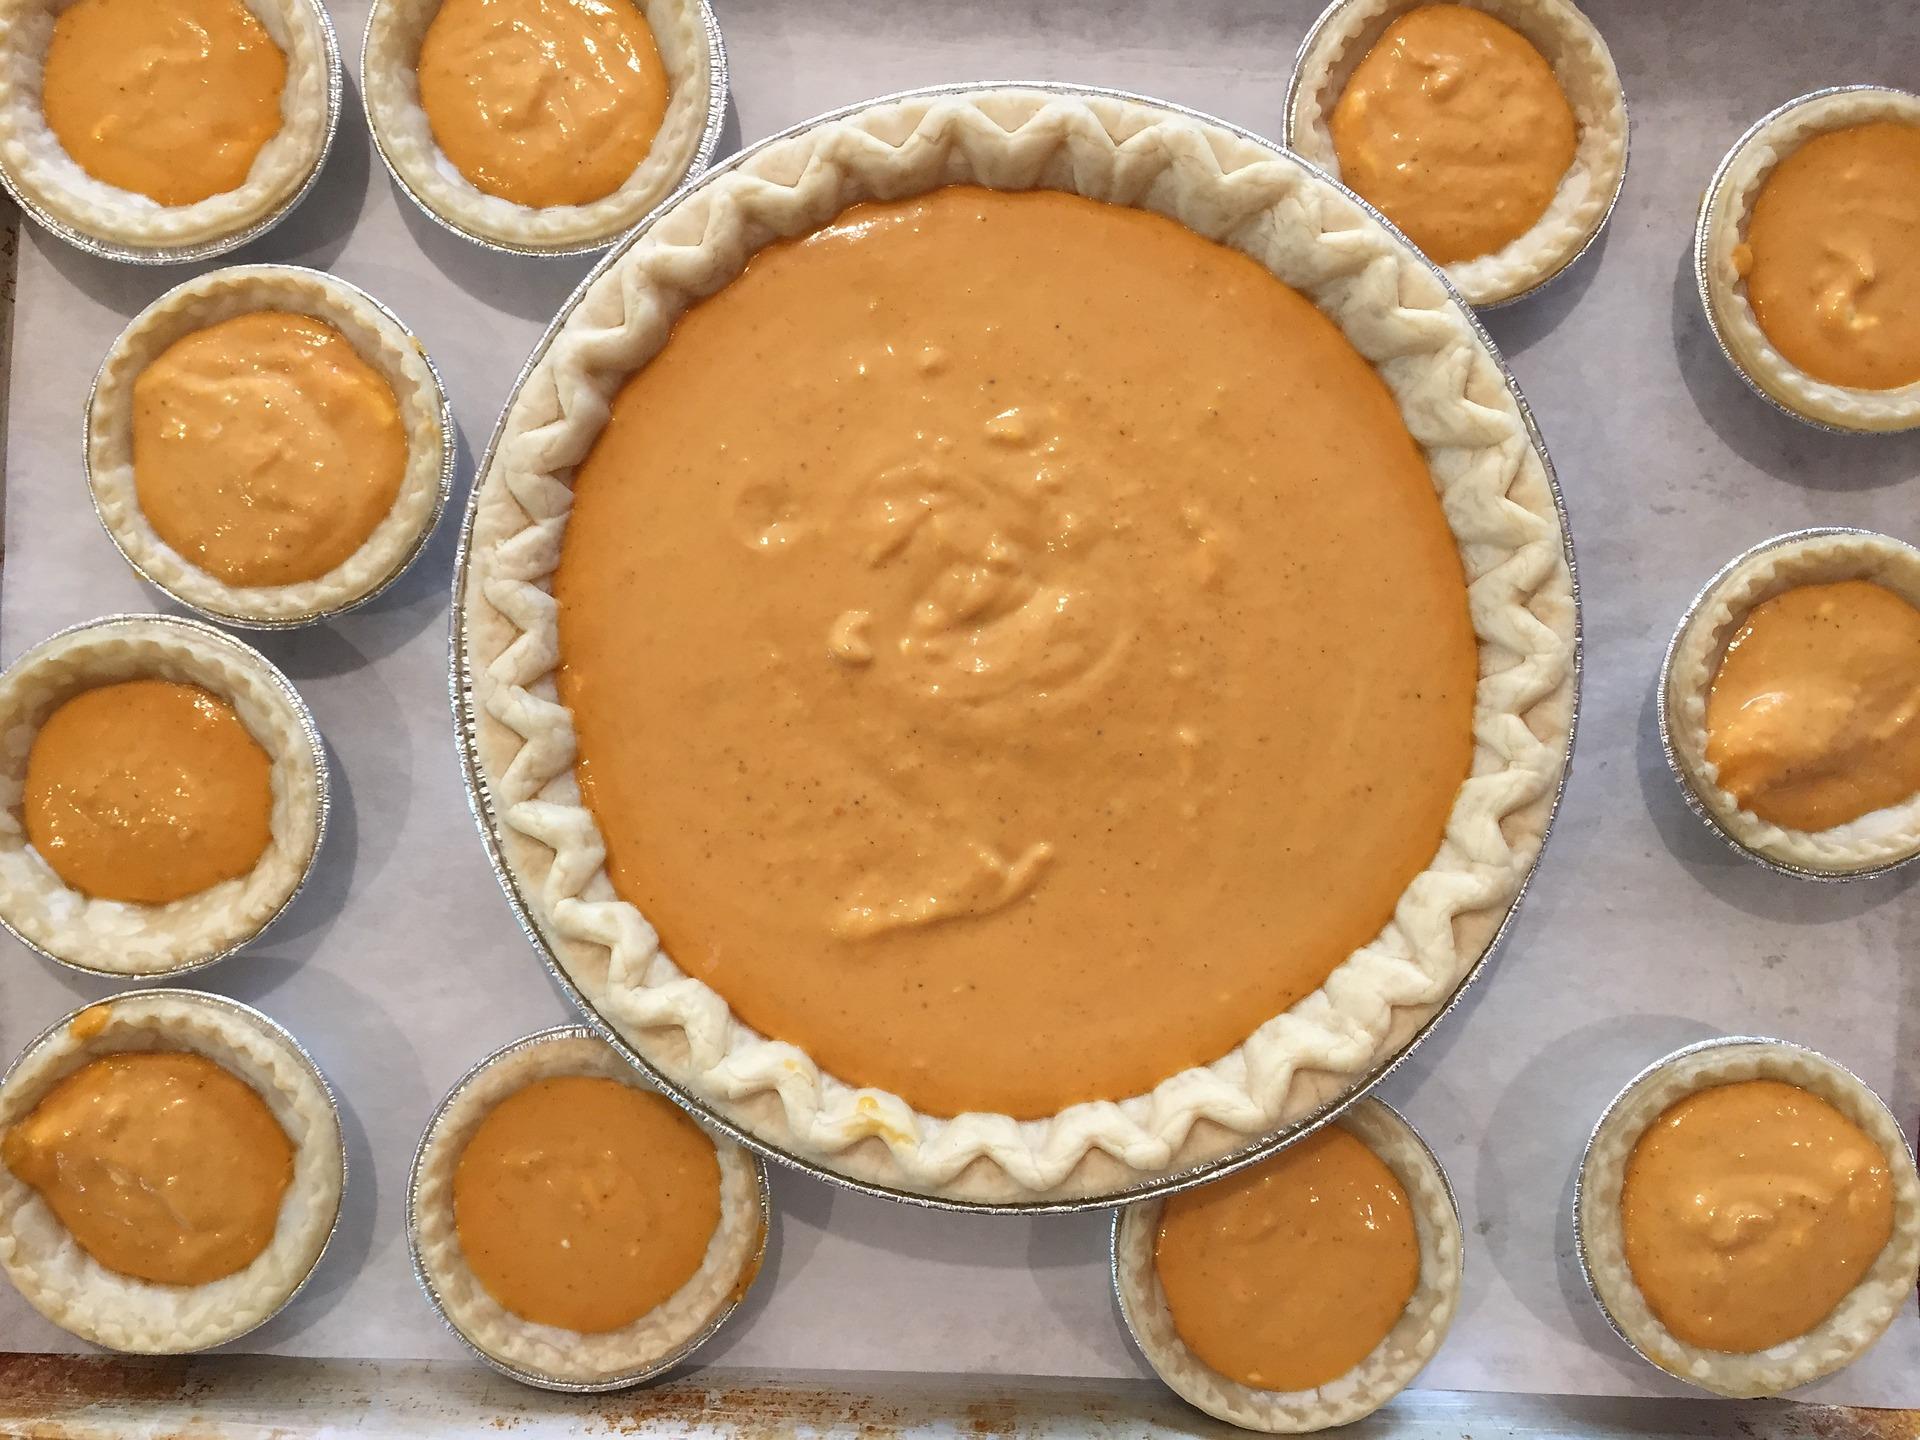 pumpkin-1323131_1920.jpg